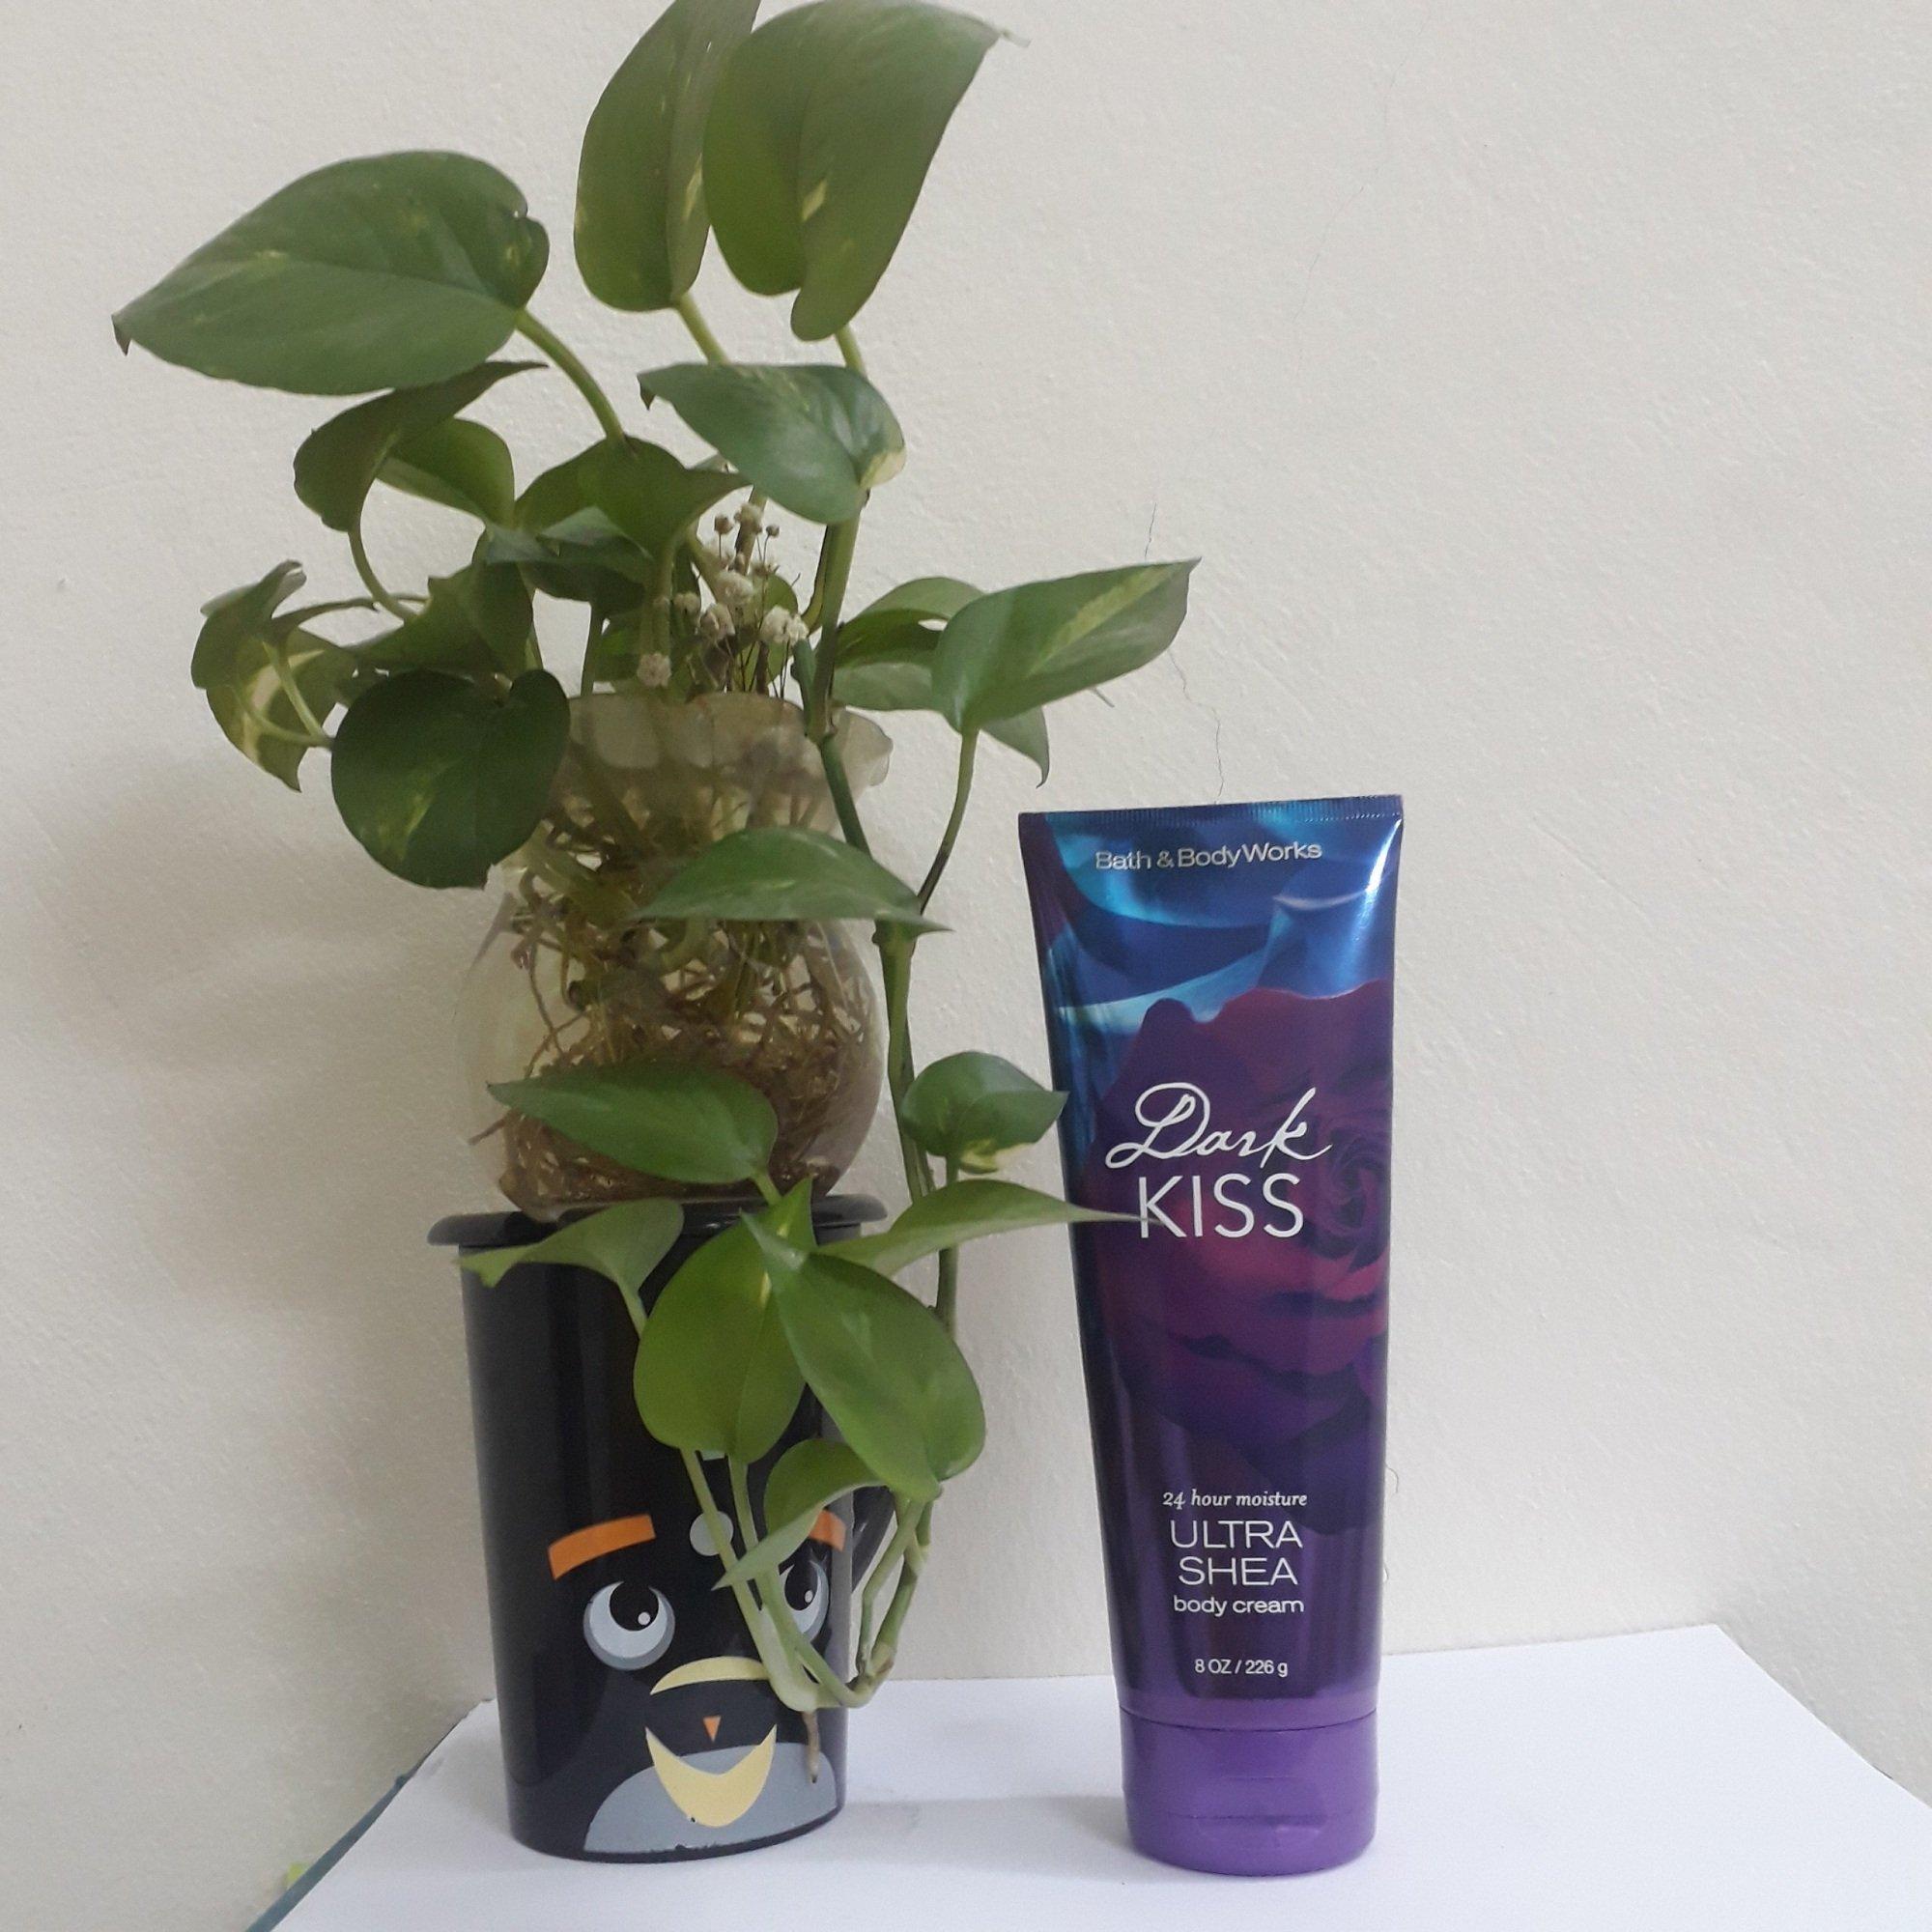 Bao bì kem dưỡng thể Bath & Body Works Dark Kiss Ultra Shea Body Cream nhìn thực sự lộng lẫy, hút mắt, sang trọng (ảnh: BlogAnChoi).